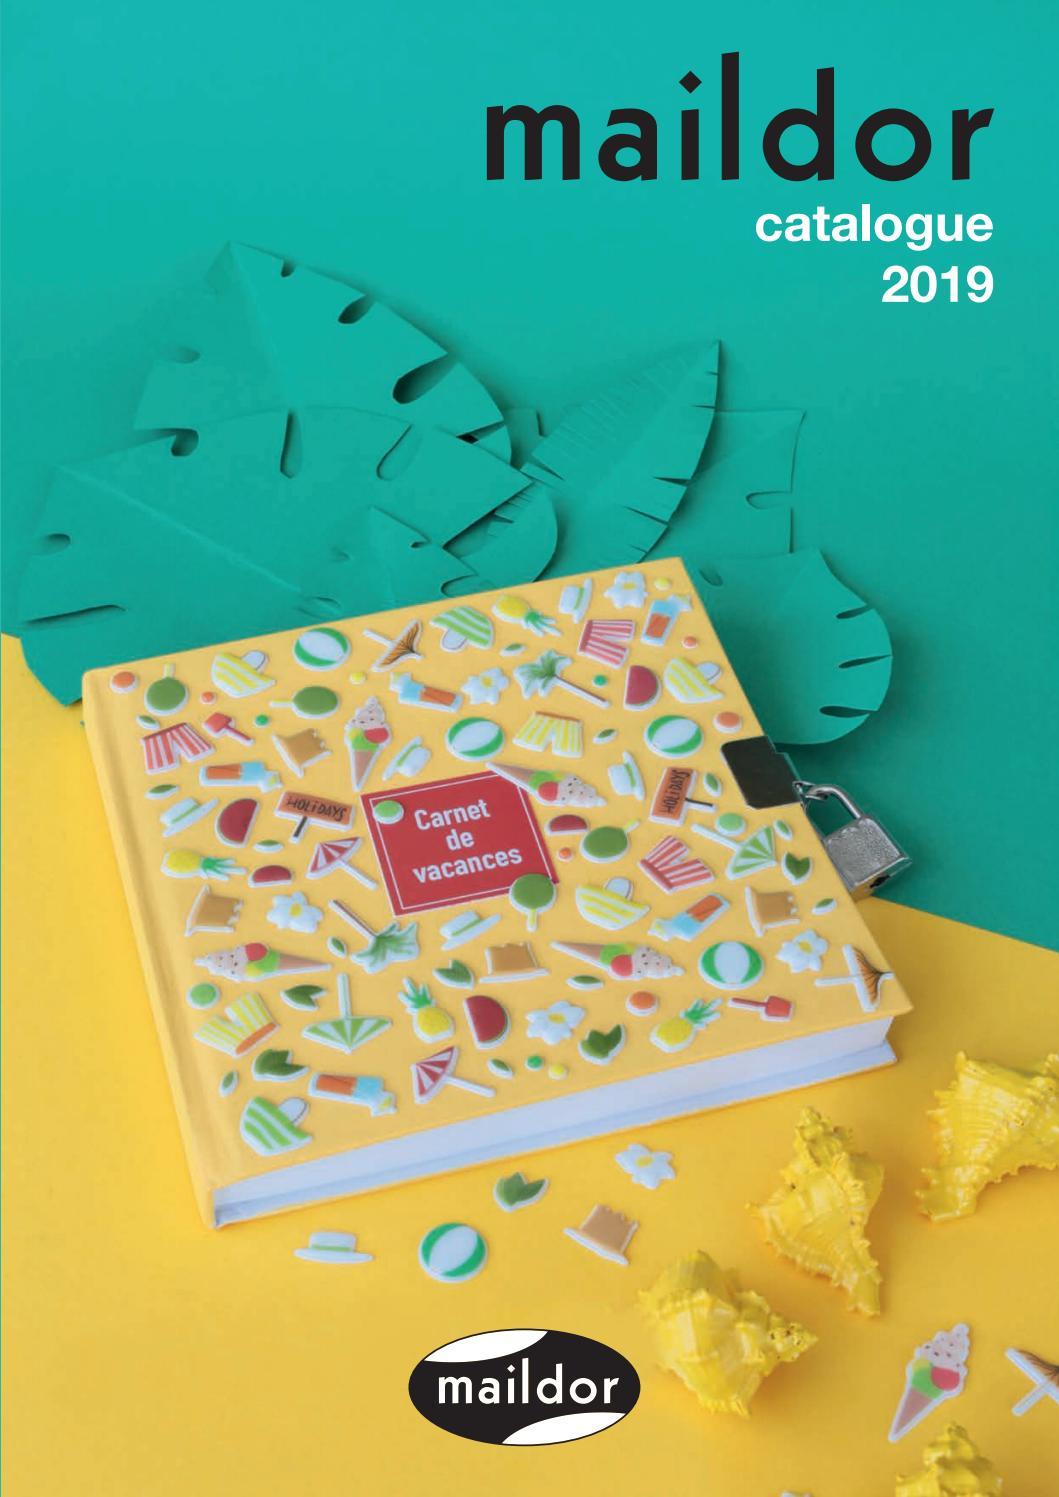 Catalogue Maildor 2019 By Clairefontaine-Rhodia - Issuu pour Puzzle 5 Ans En Ligne